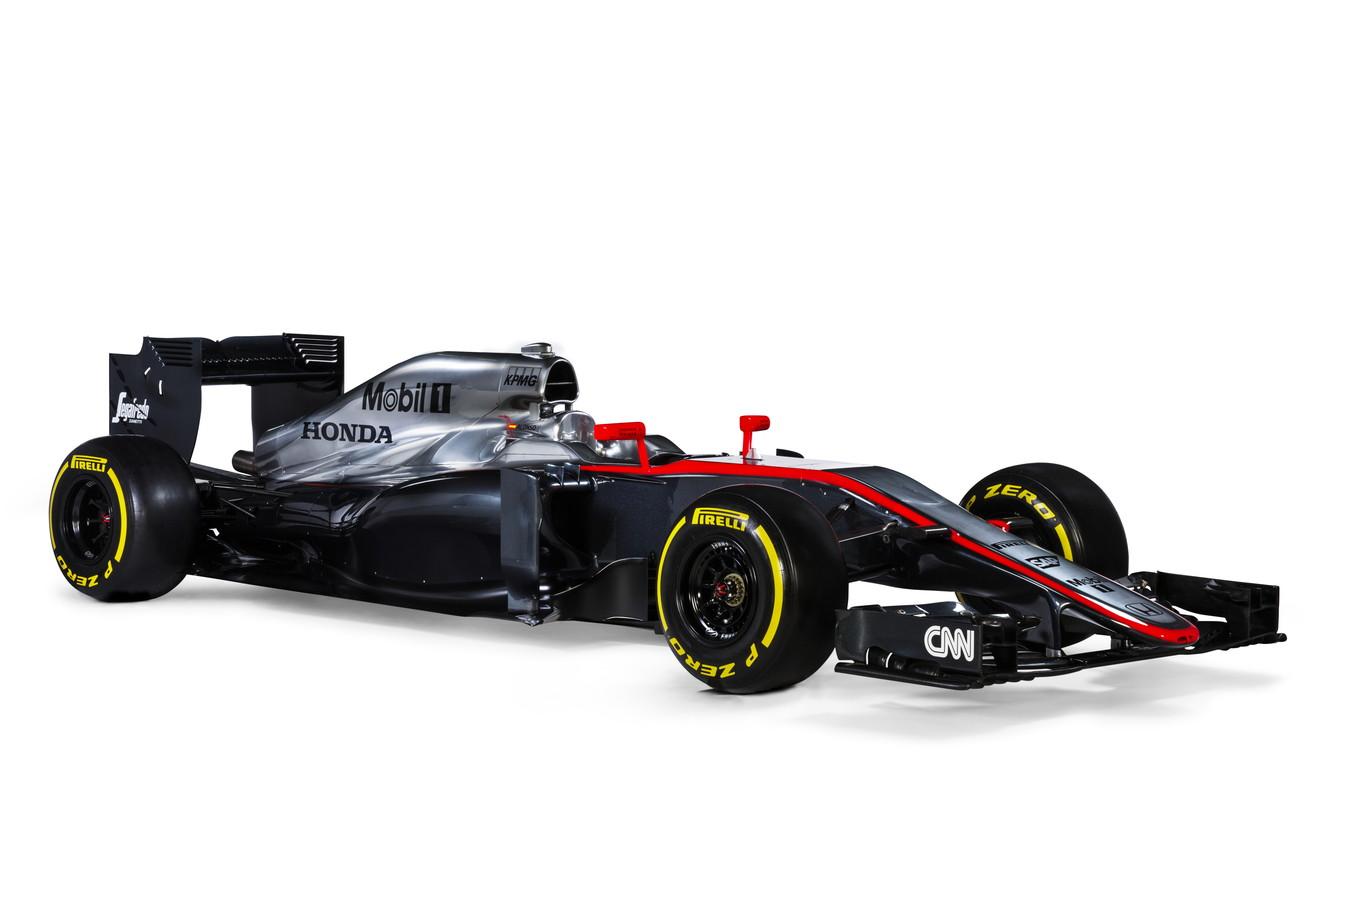 McLaren-Honda 2015 MP4-30